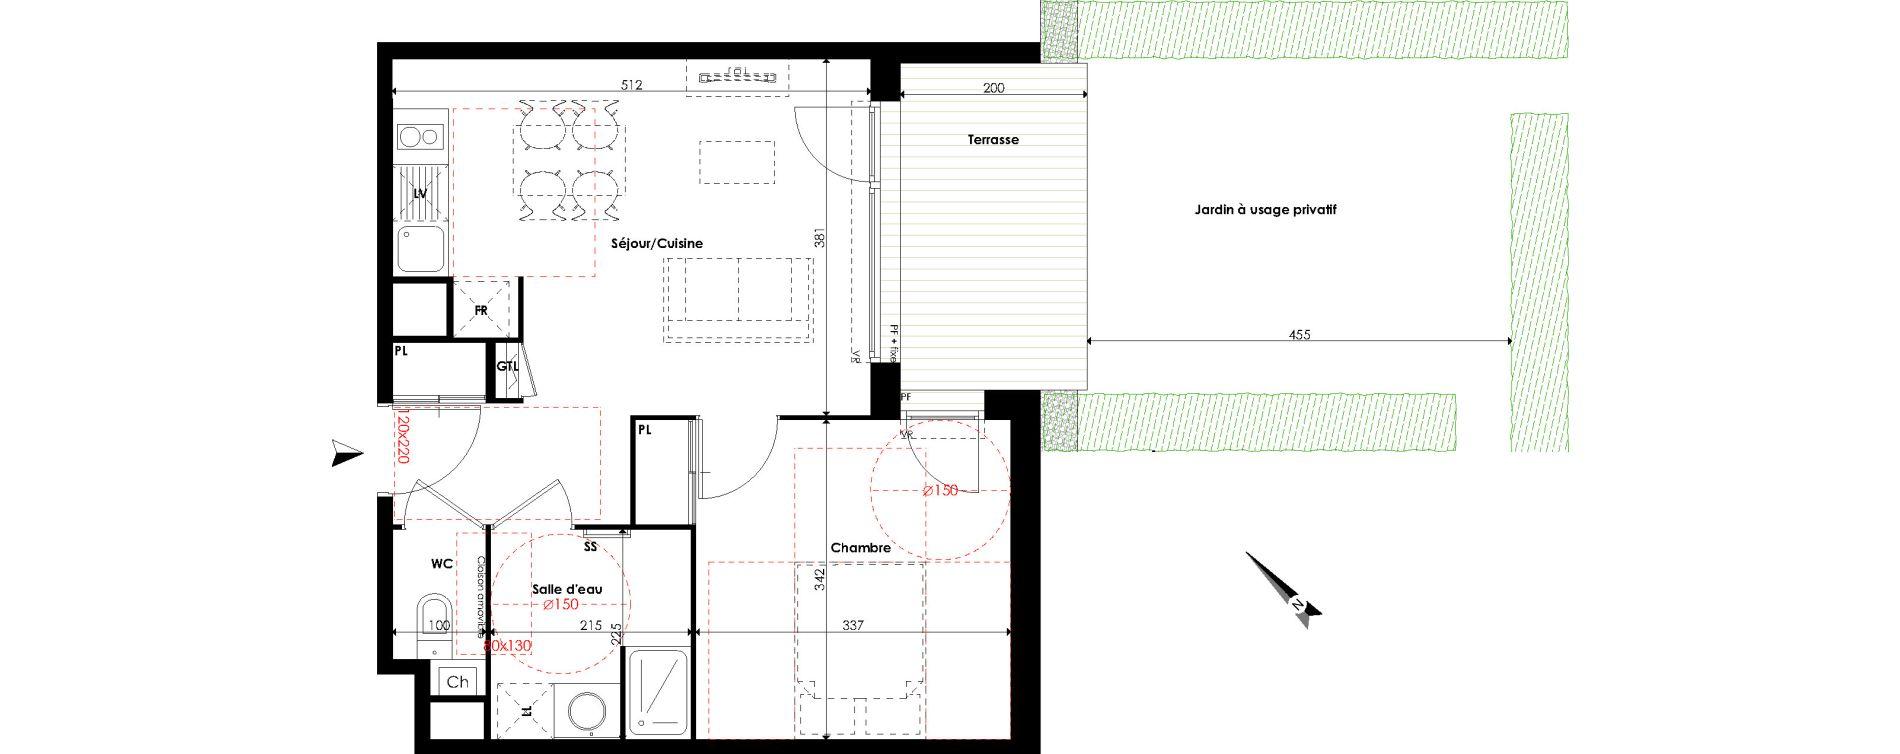 Appartement T2 de 40,42 m2 à Escalquens Centre